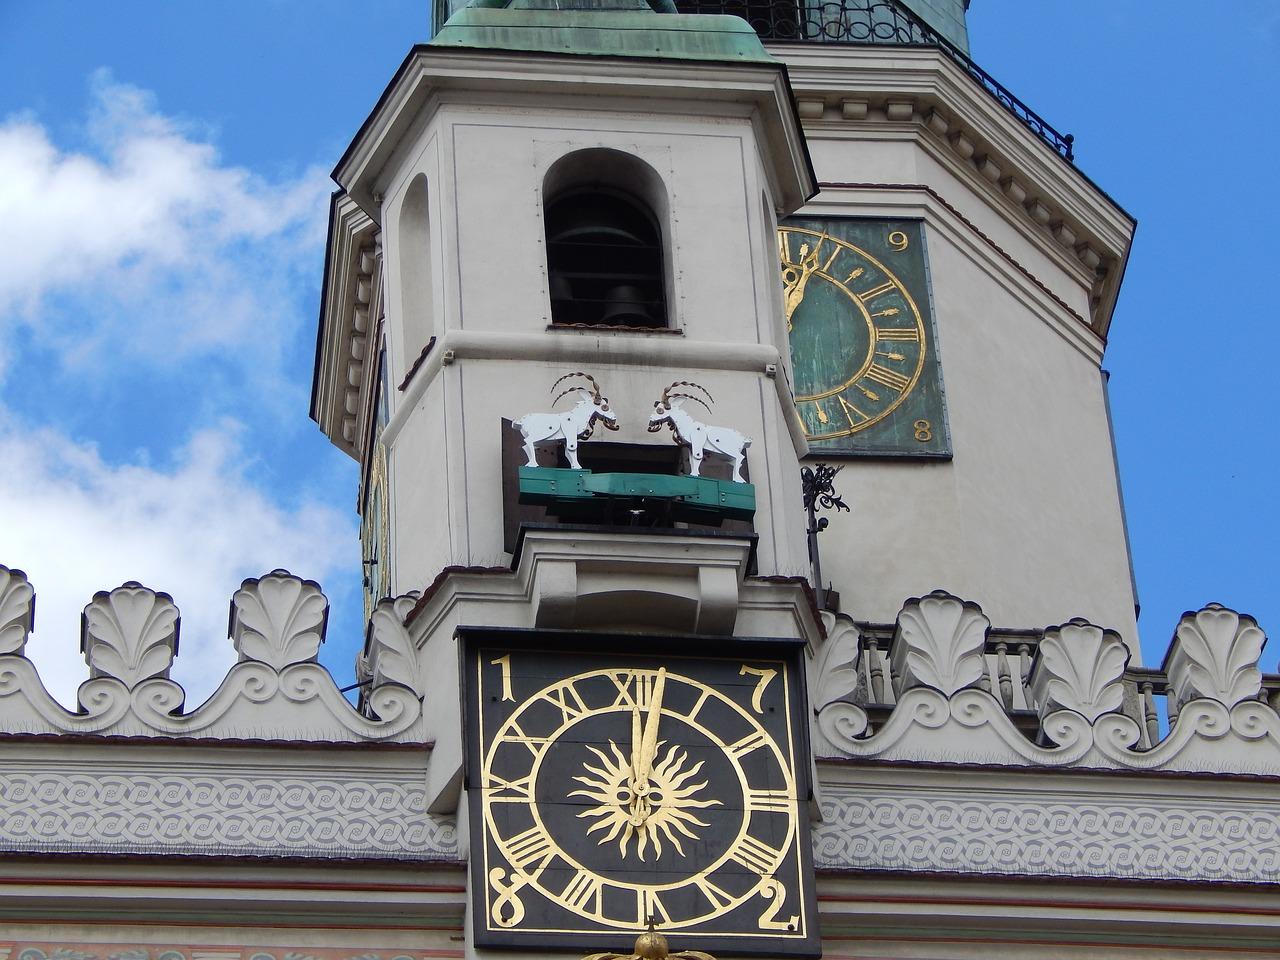 Serwis agregatów Poznań